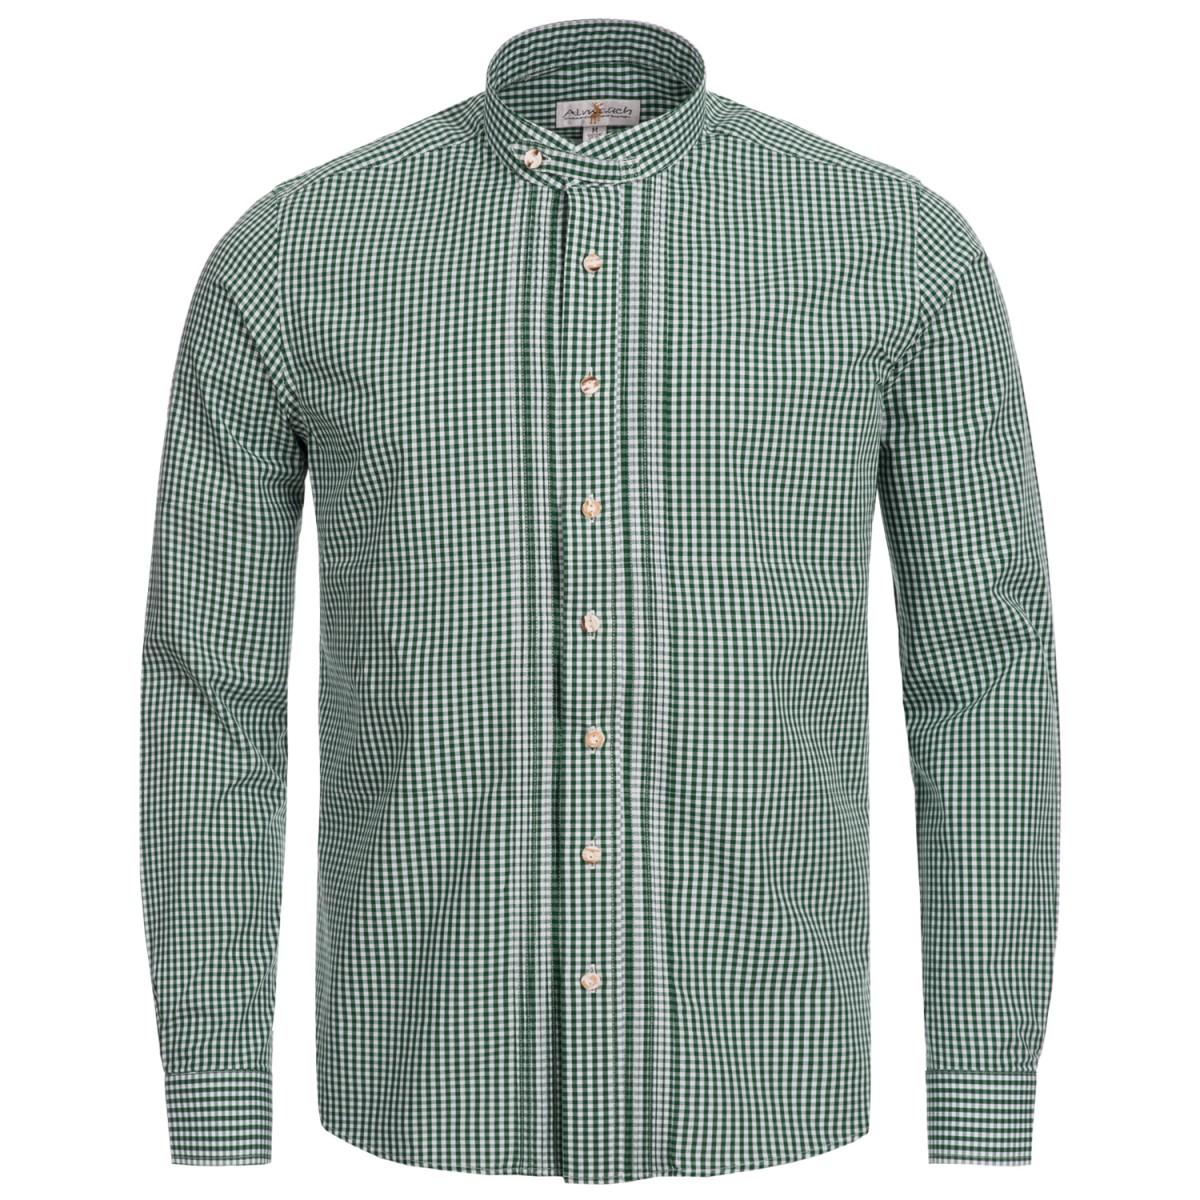 Trachtenhemd Slim Fit in Grün von Almsach günstig online kaufen